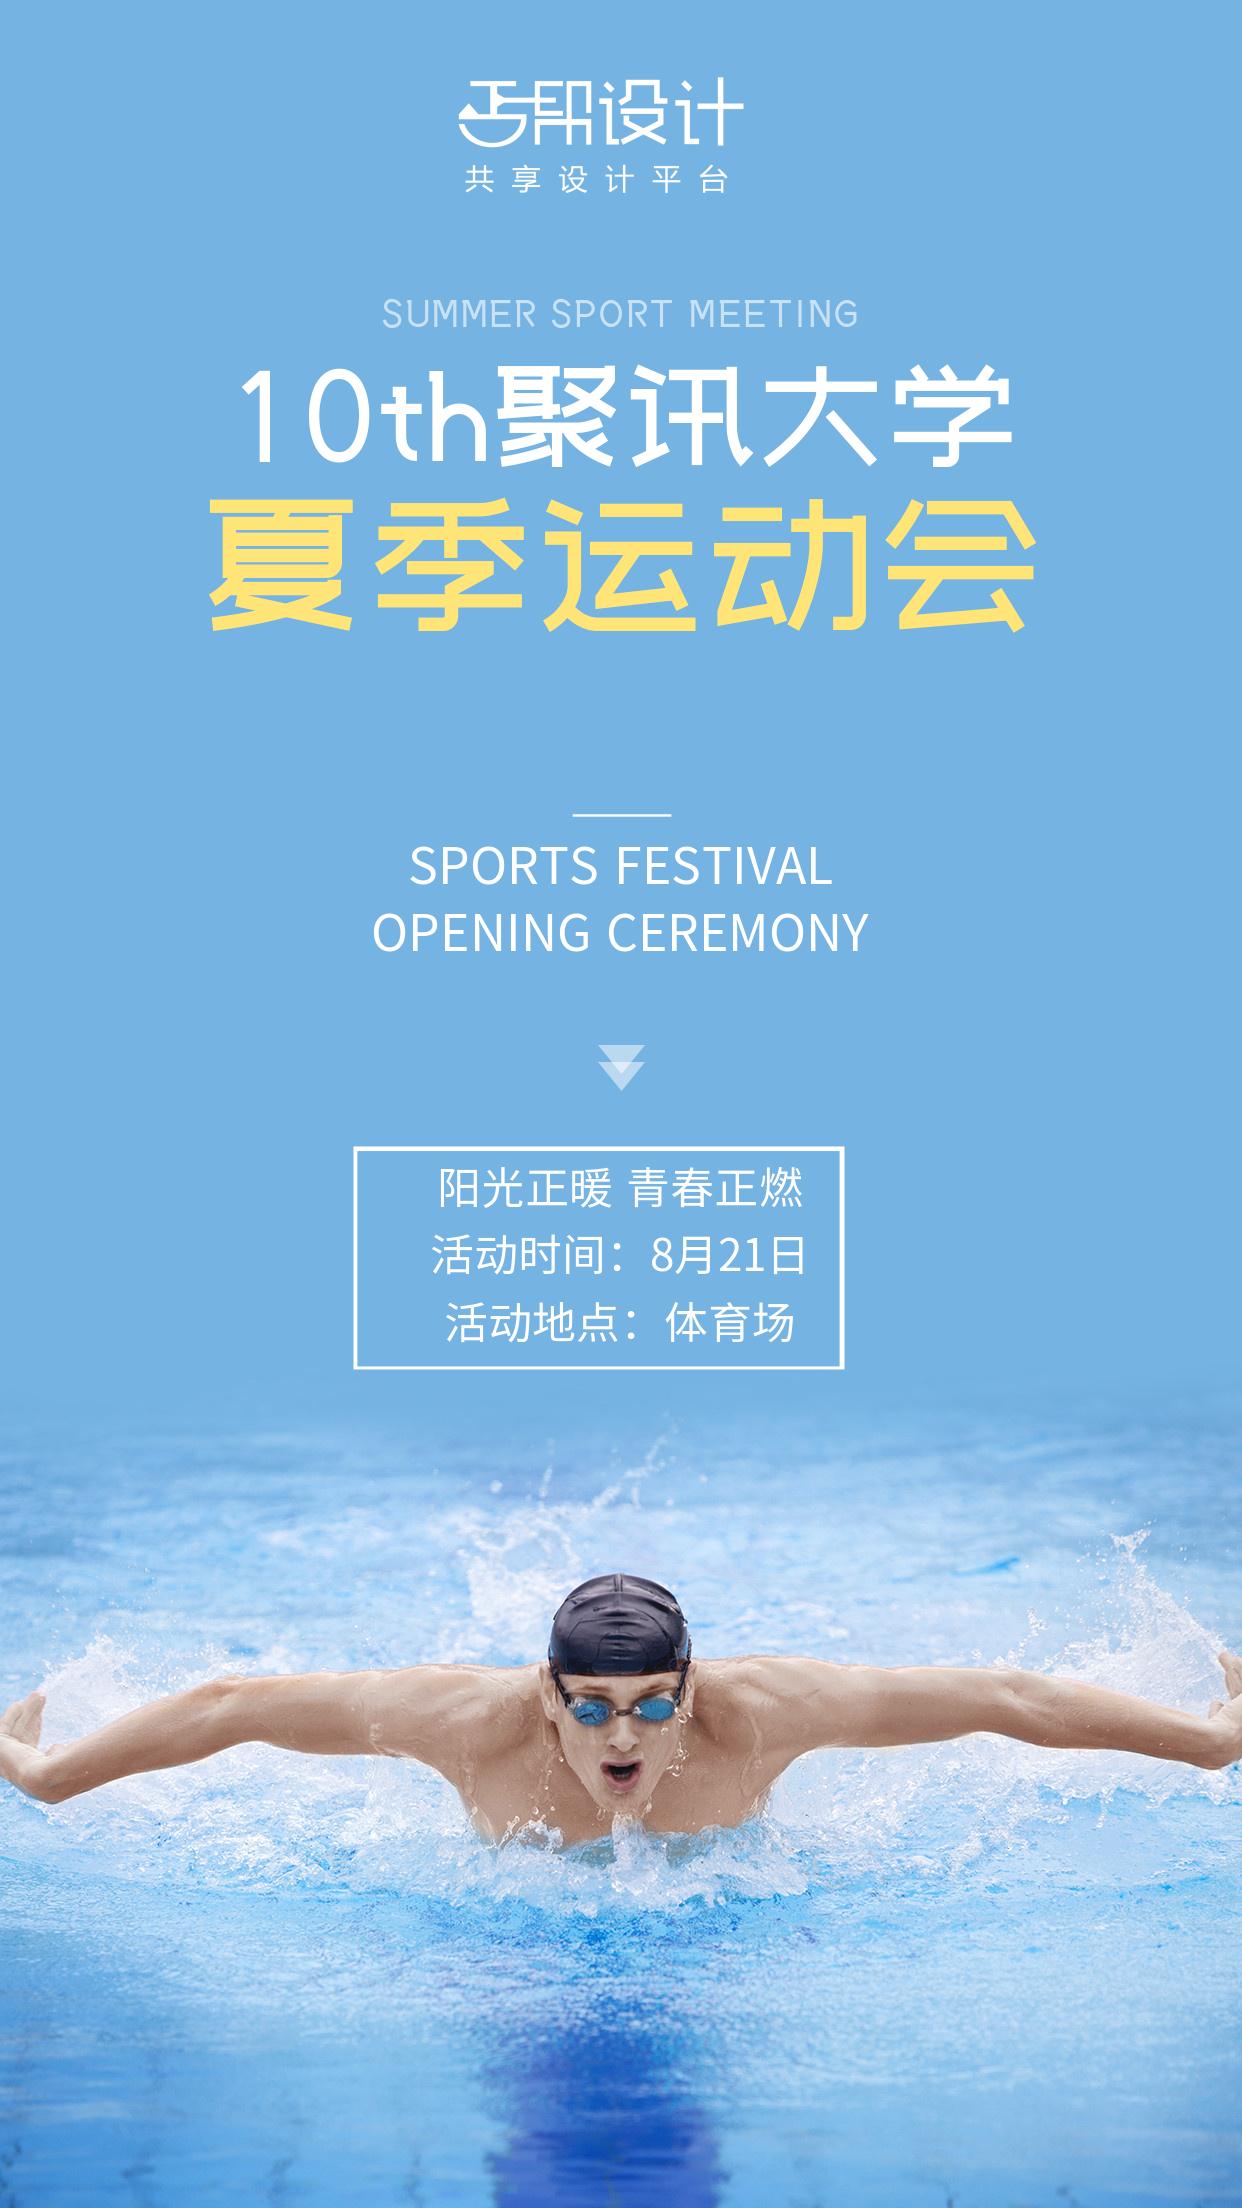 校园运动会夏季游泳开幕式海报